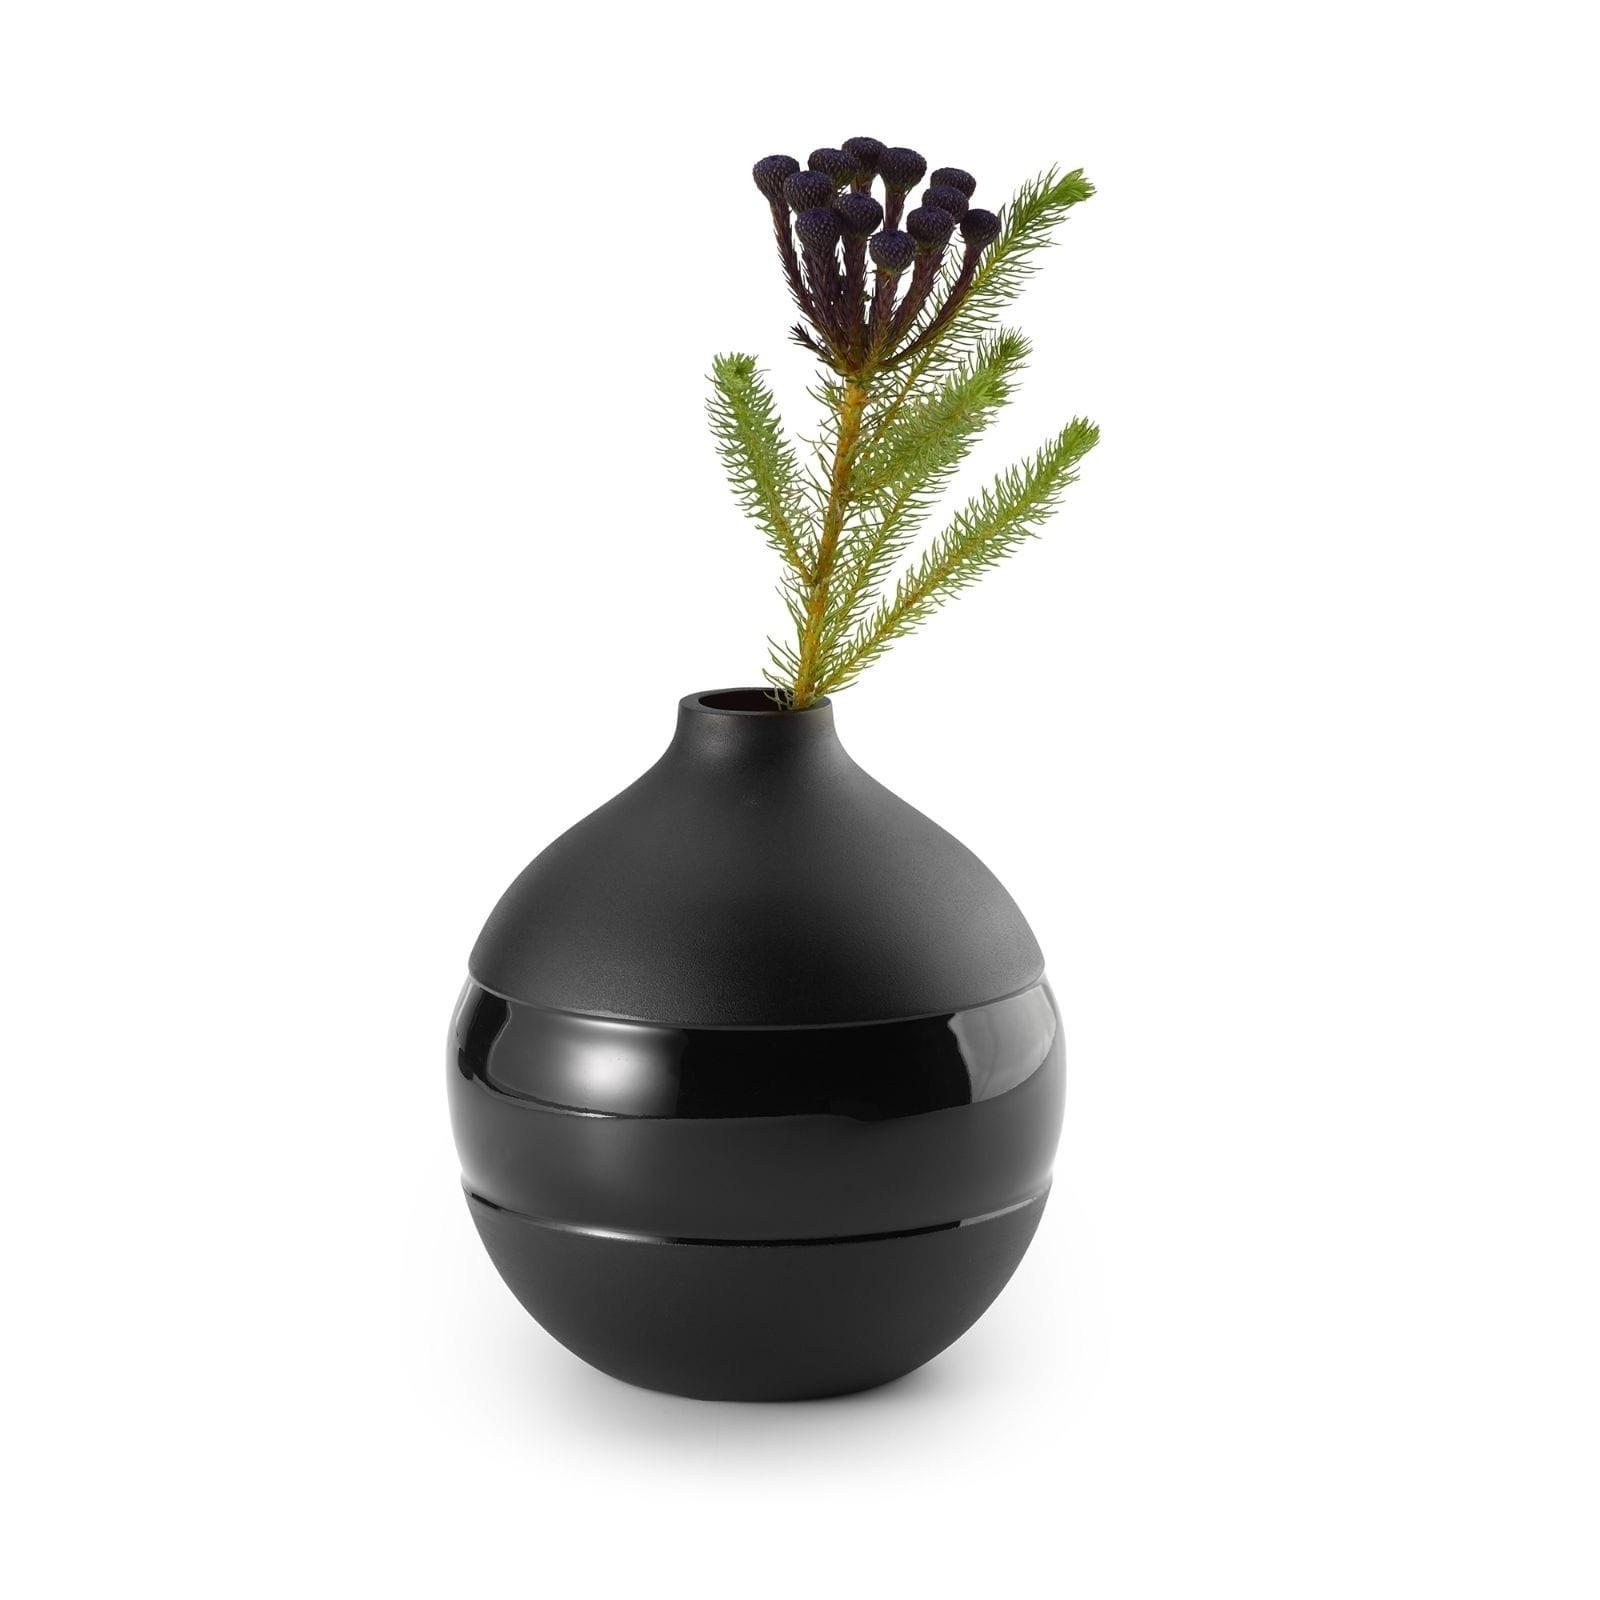 NEGRETTO Vase Small - Philippi